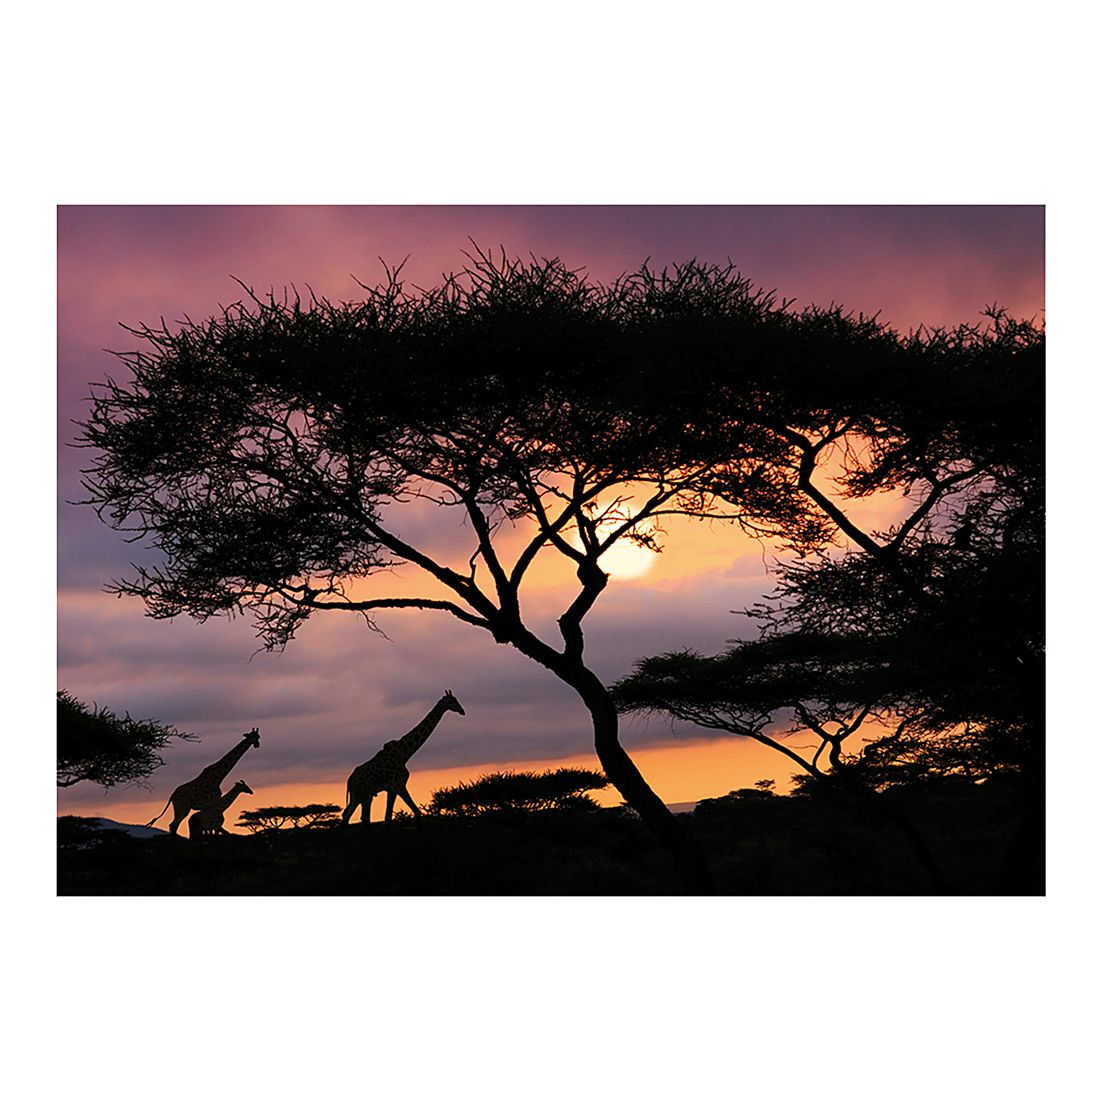 Fototapete African Safari, Mantiburi bestellen